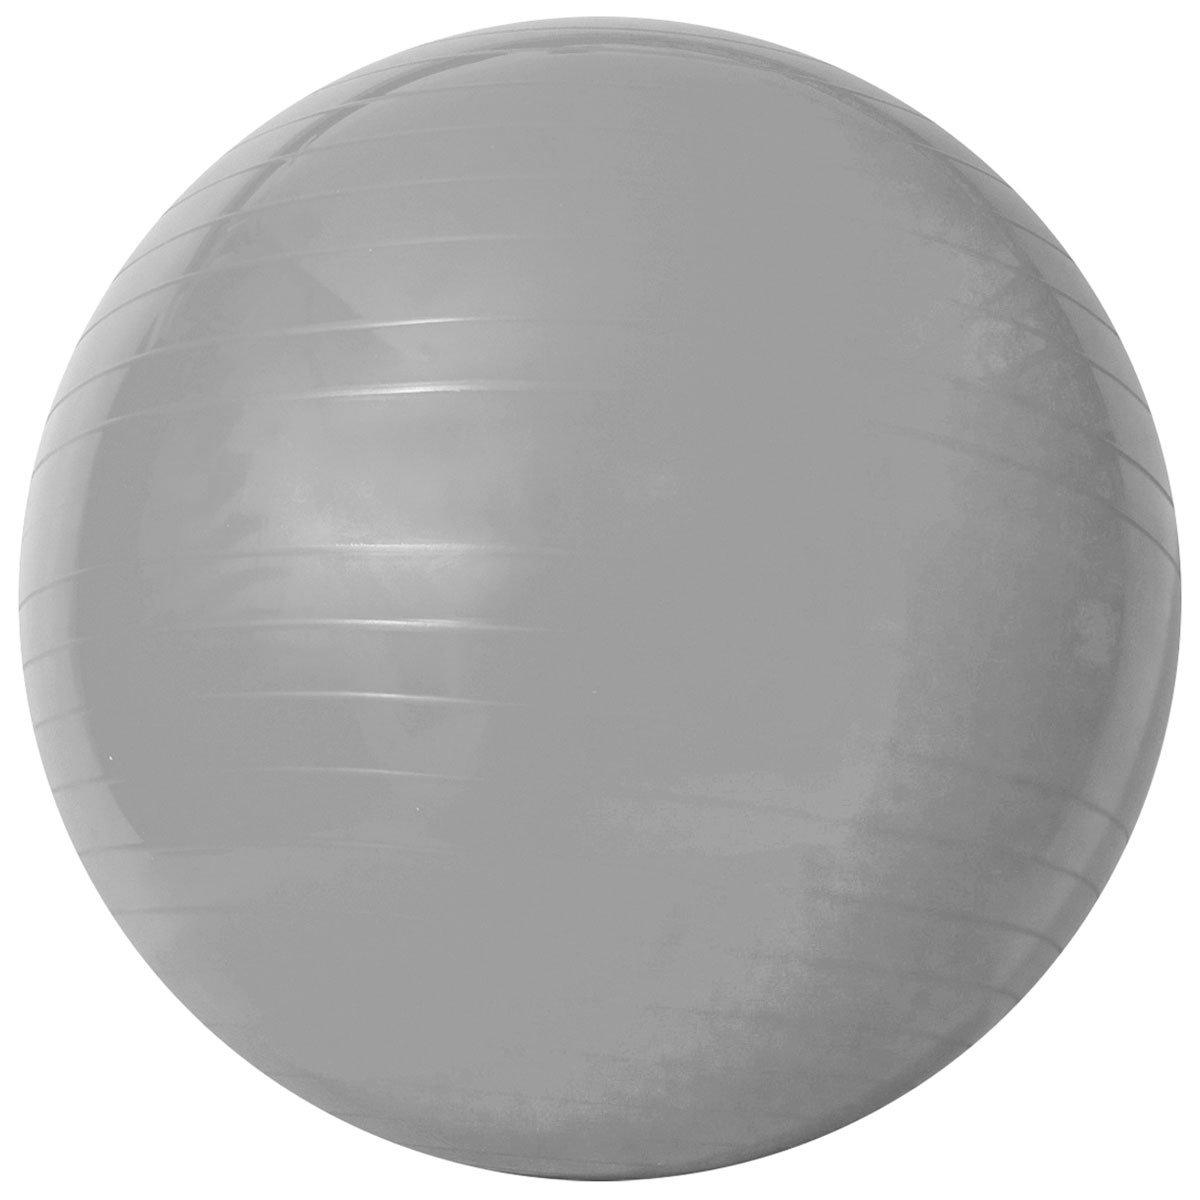 b1300857d22b3 Bola de Ginástica Acte Sports com bomba de Ar 55cm